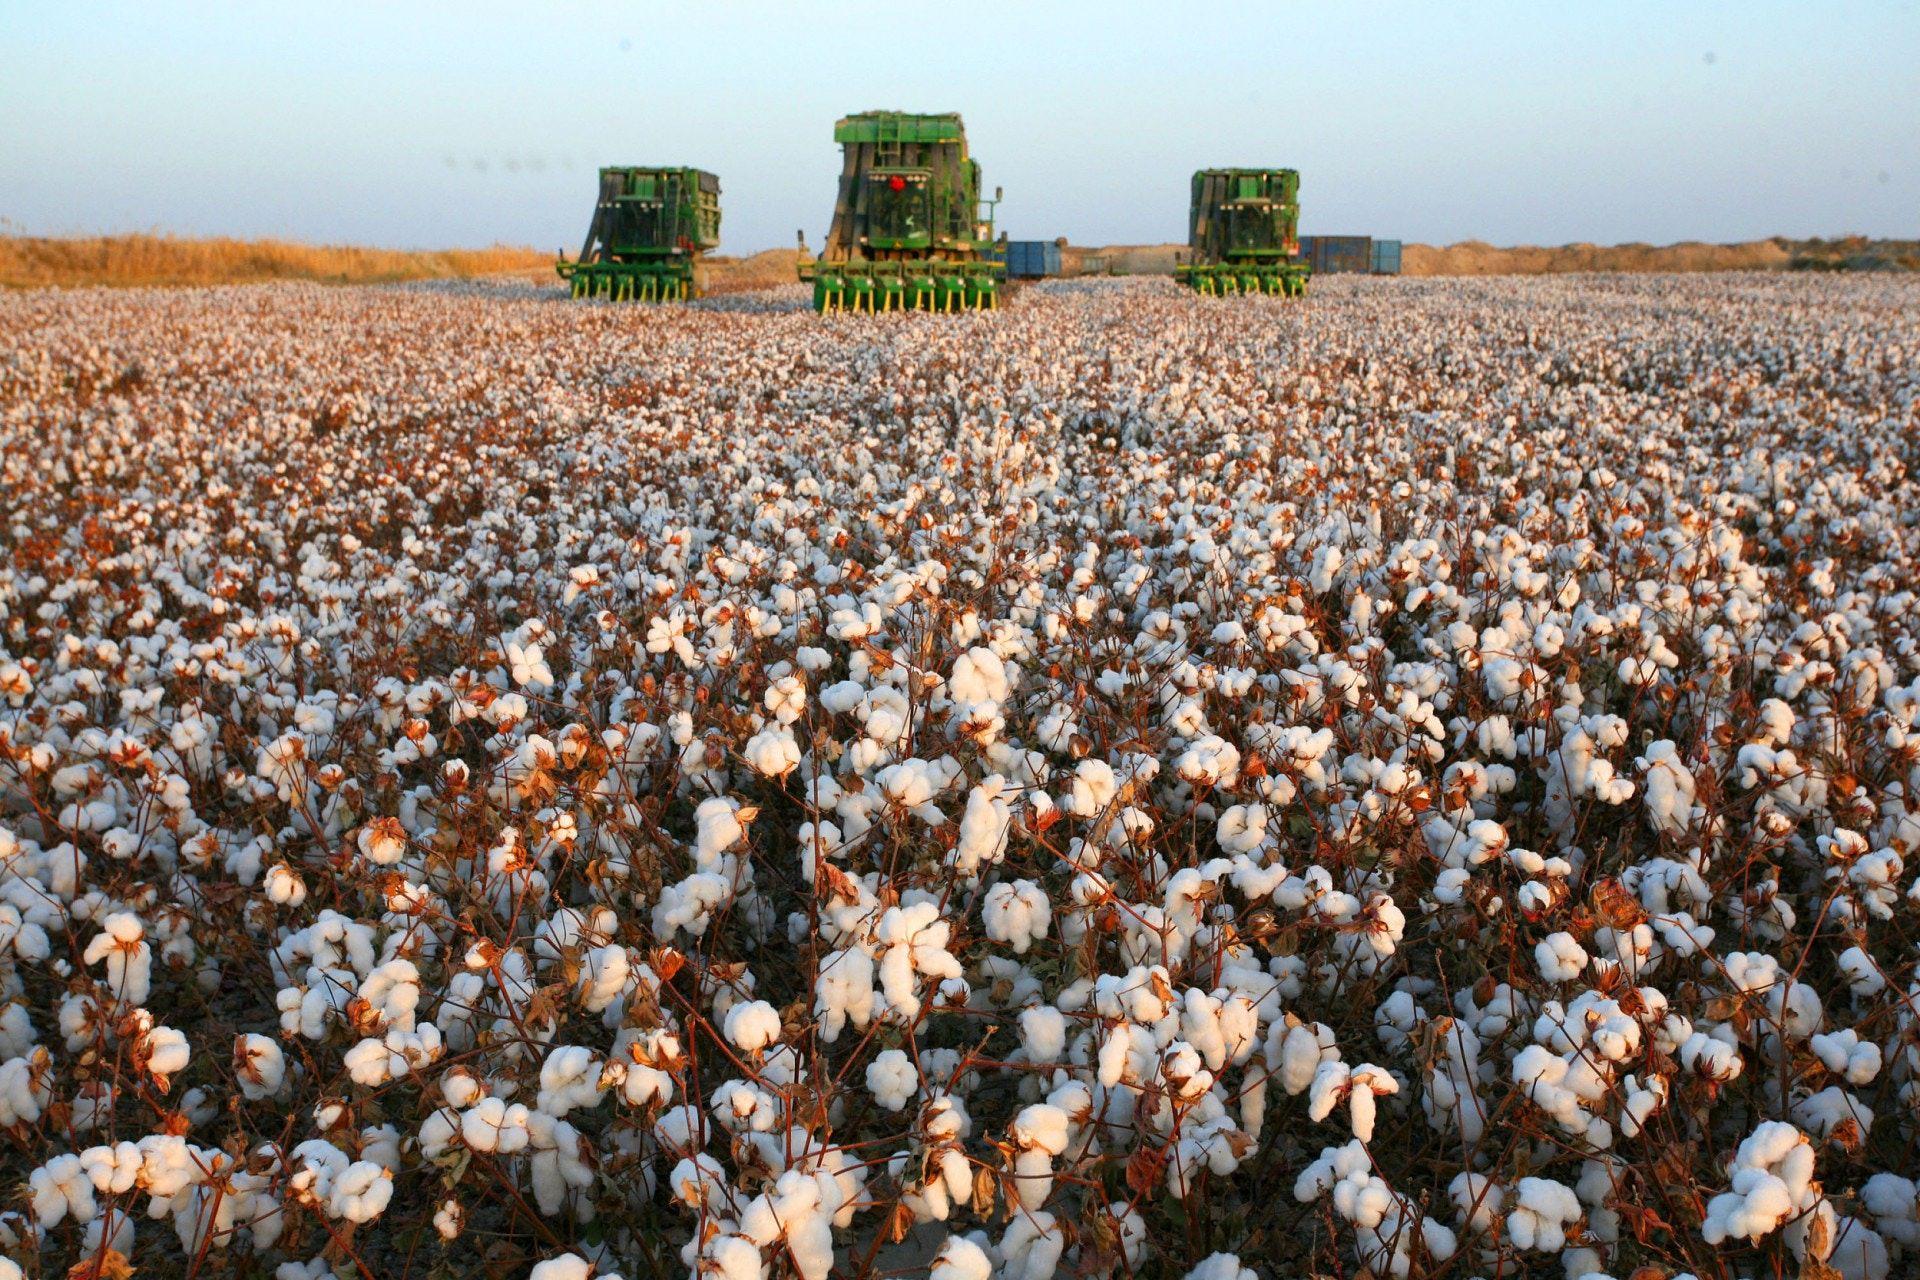 近期最猛軟大宗商品:美國棉花期貨價格創十年新高